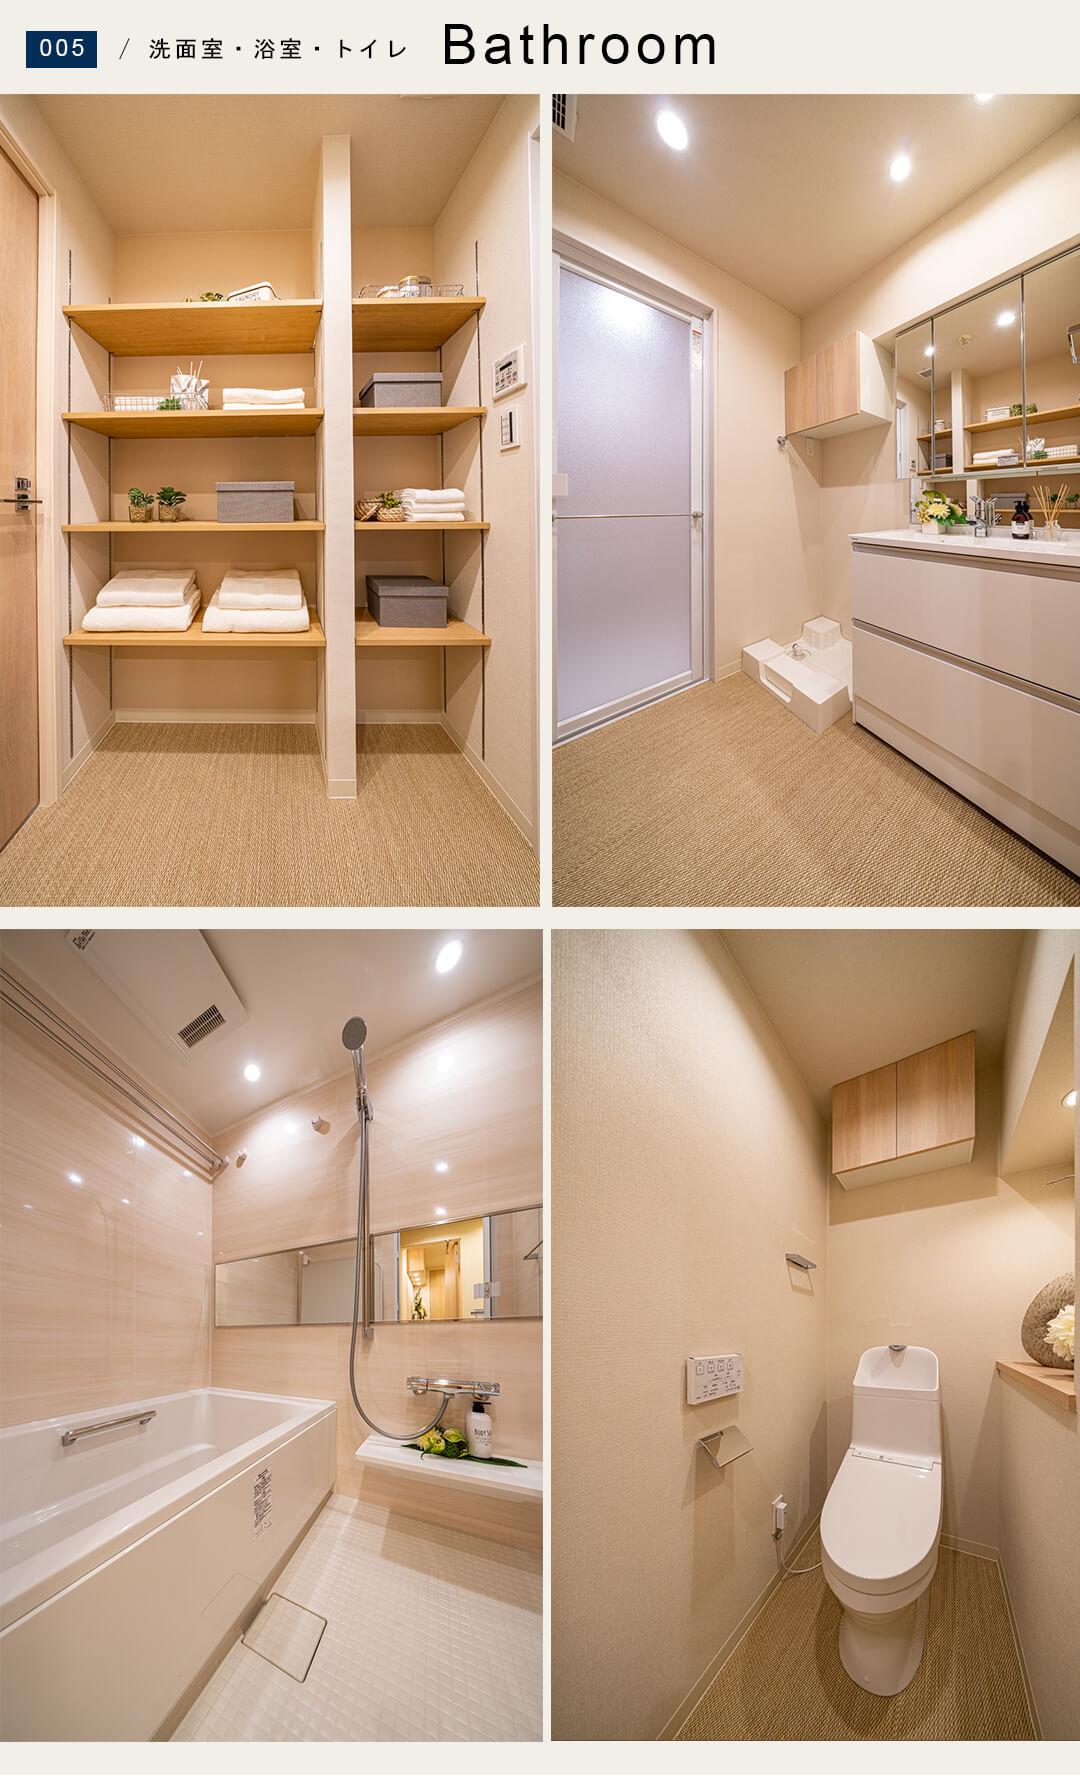 千石ホームズの洗面室と浴室とトイレ